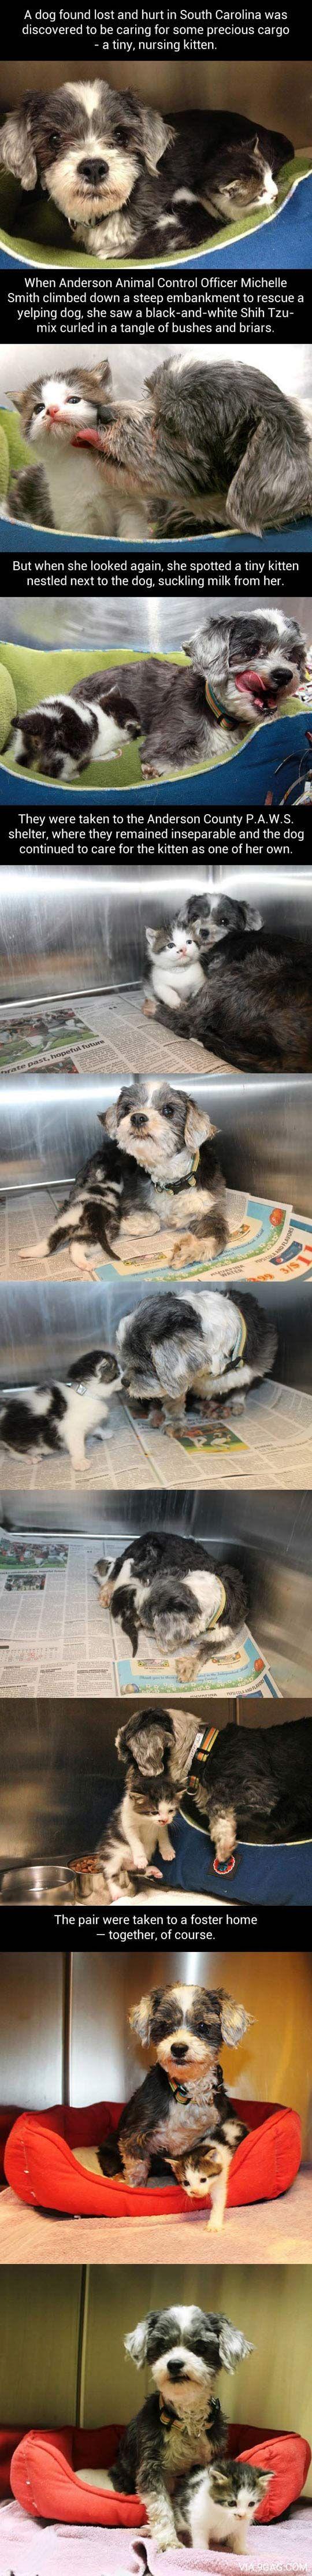 Dog caring for kitten